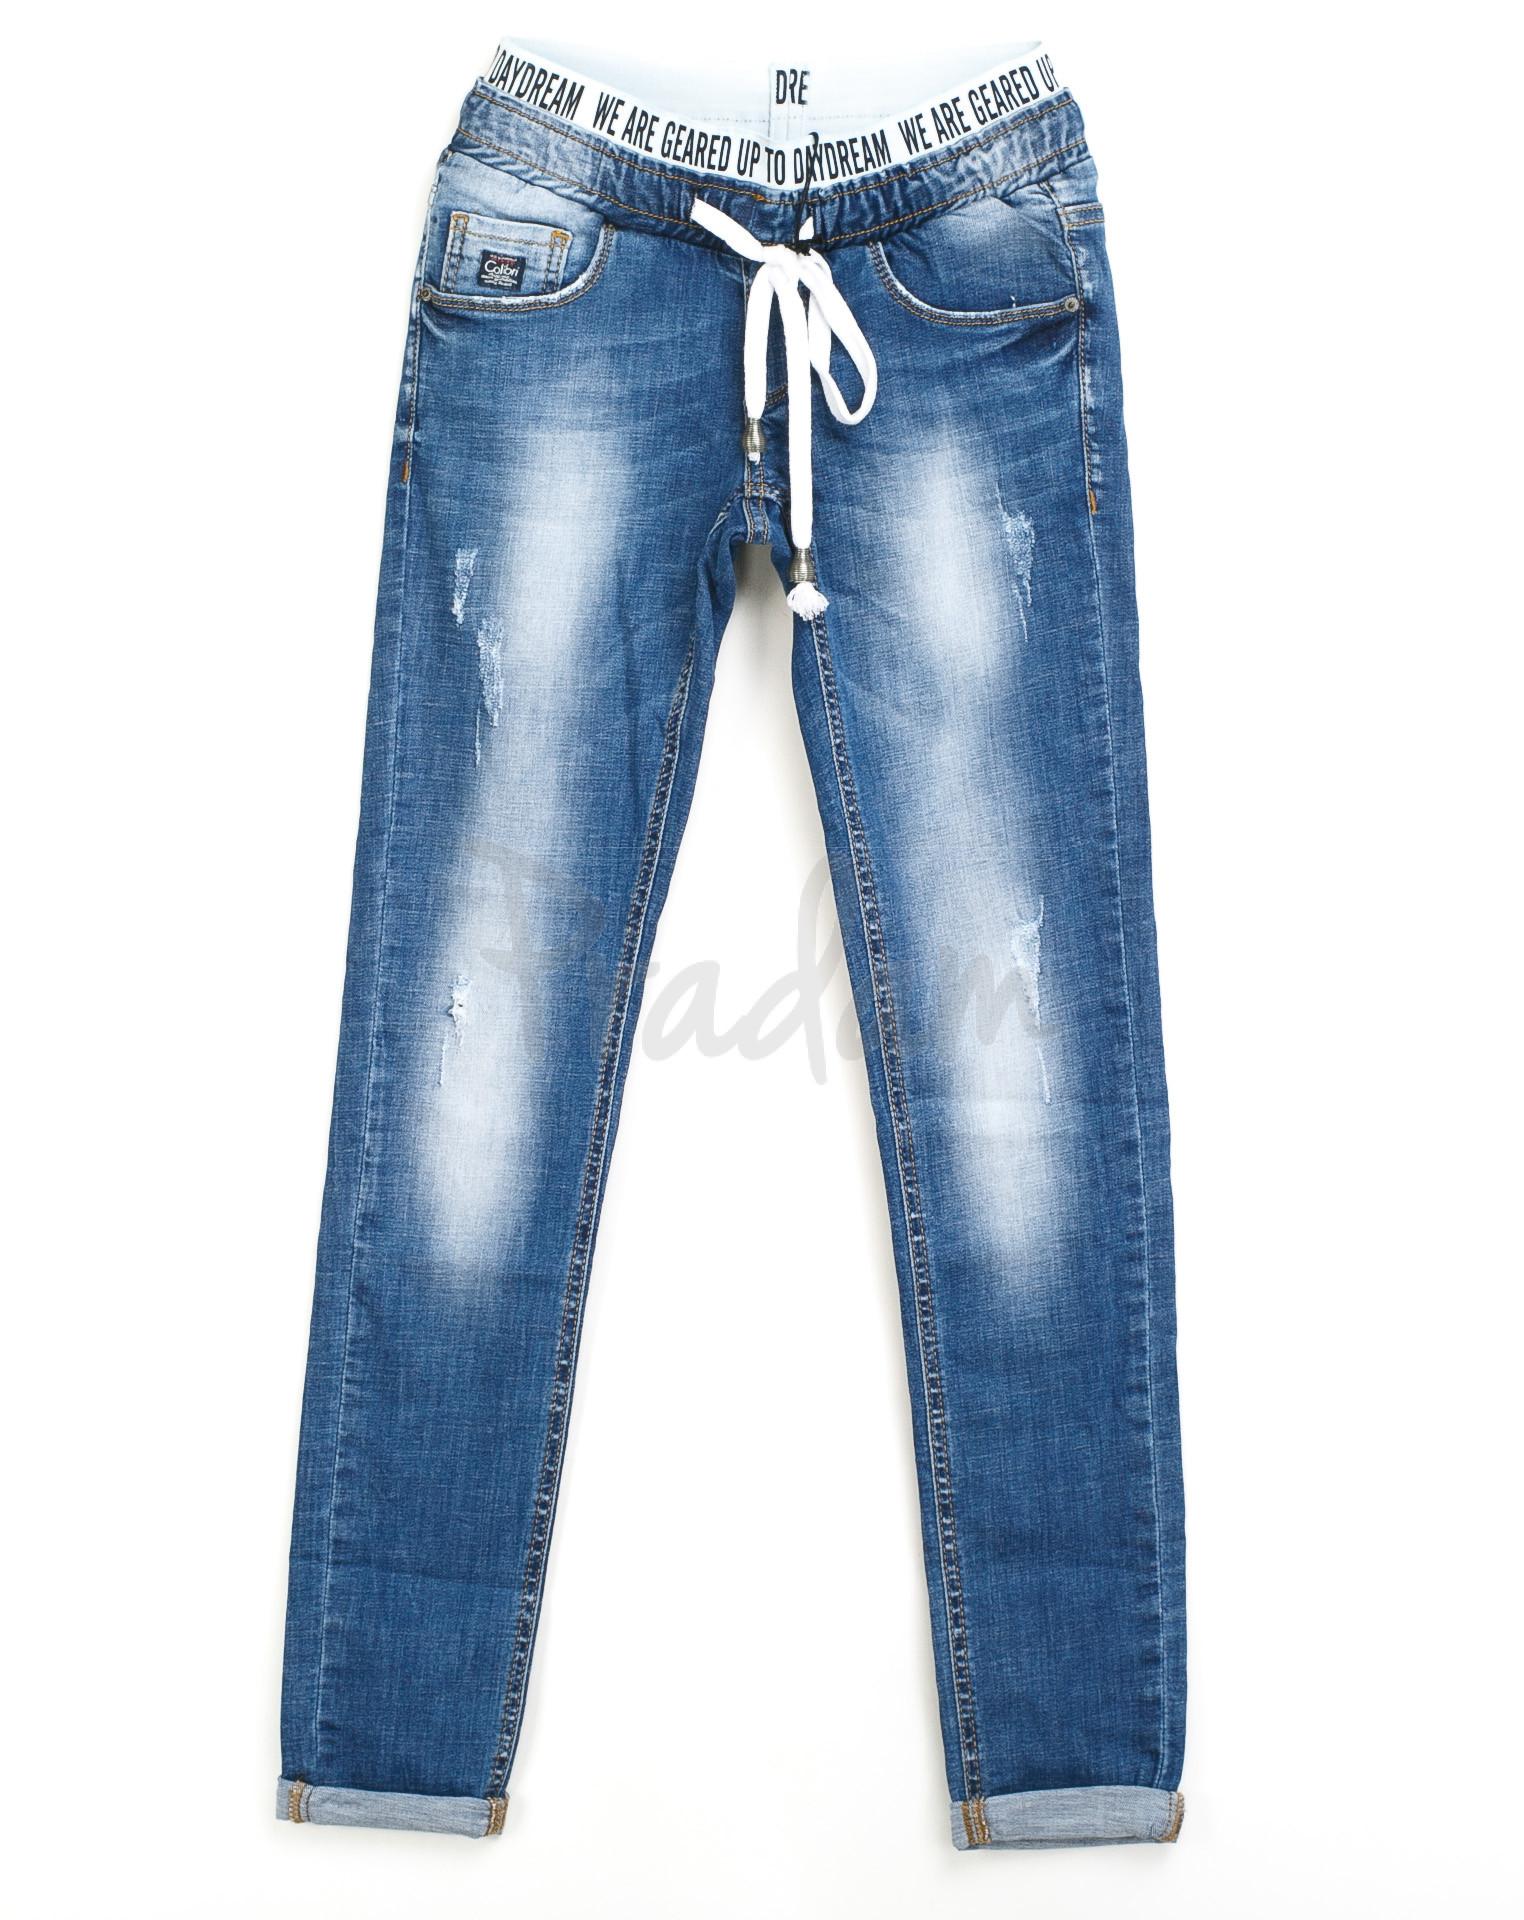 5185d08da3b4 женские джинсы на резинке царапки 9210-550 (25-30, 6 ед.) Colibri: купить  оптом в ...